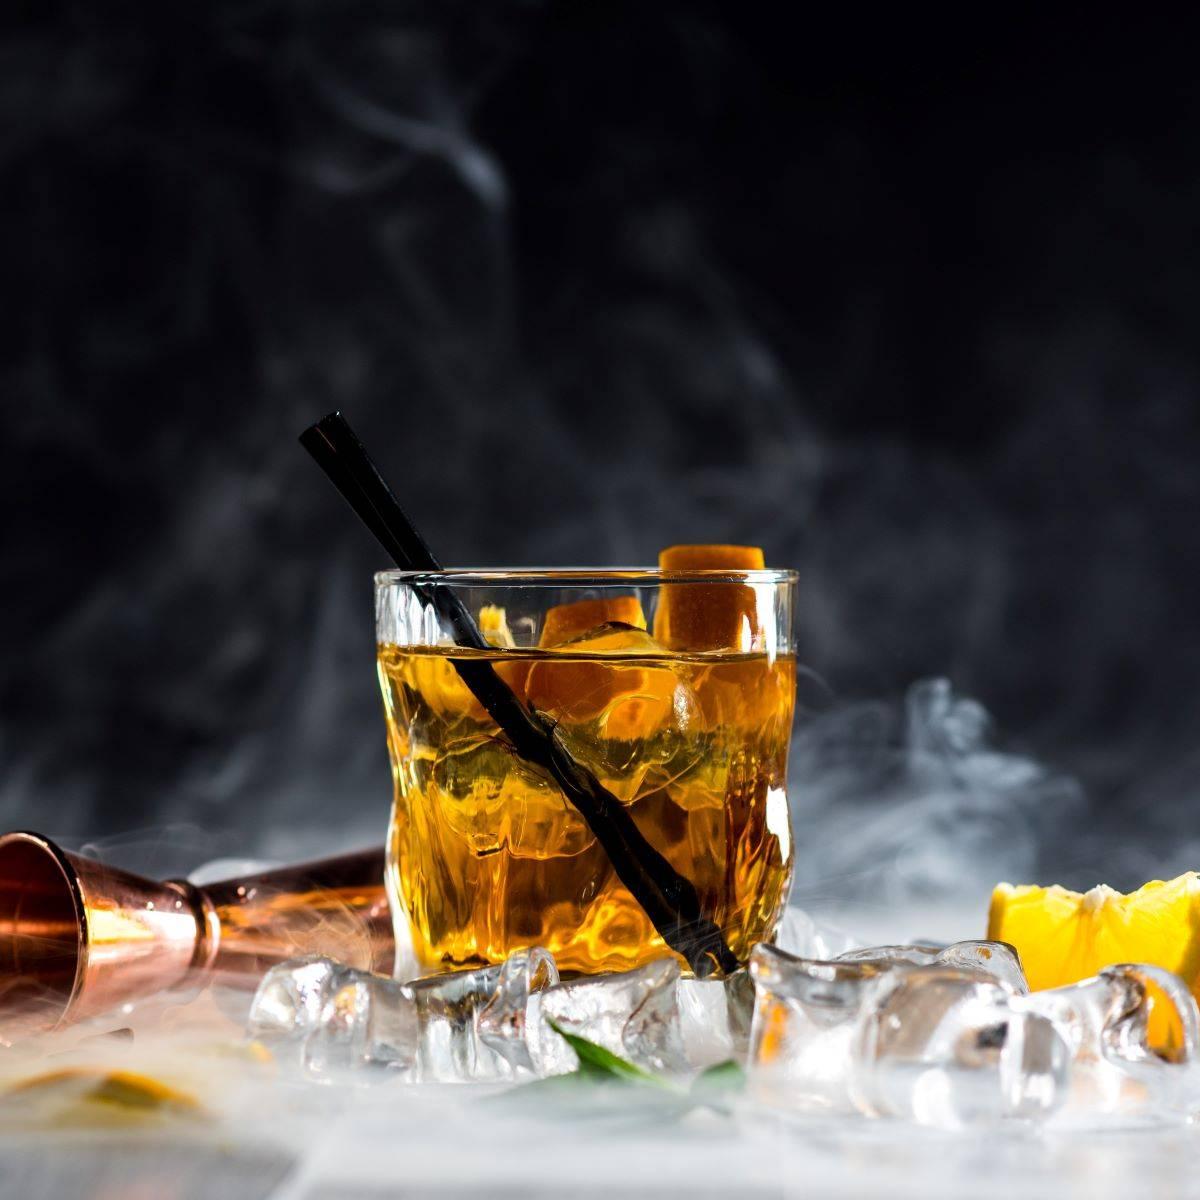 Smokey Hollow Cocktail Recipe